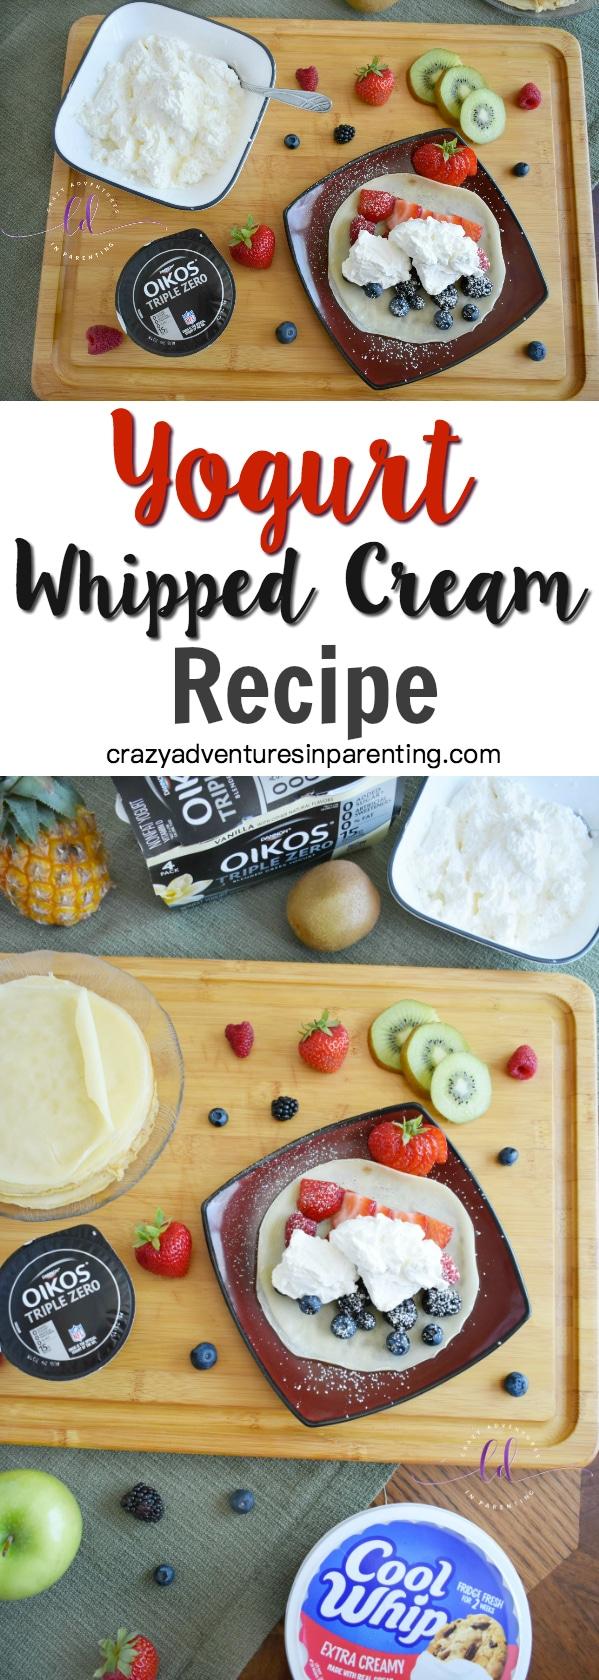 Yogurt Whipped Cream Recipe